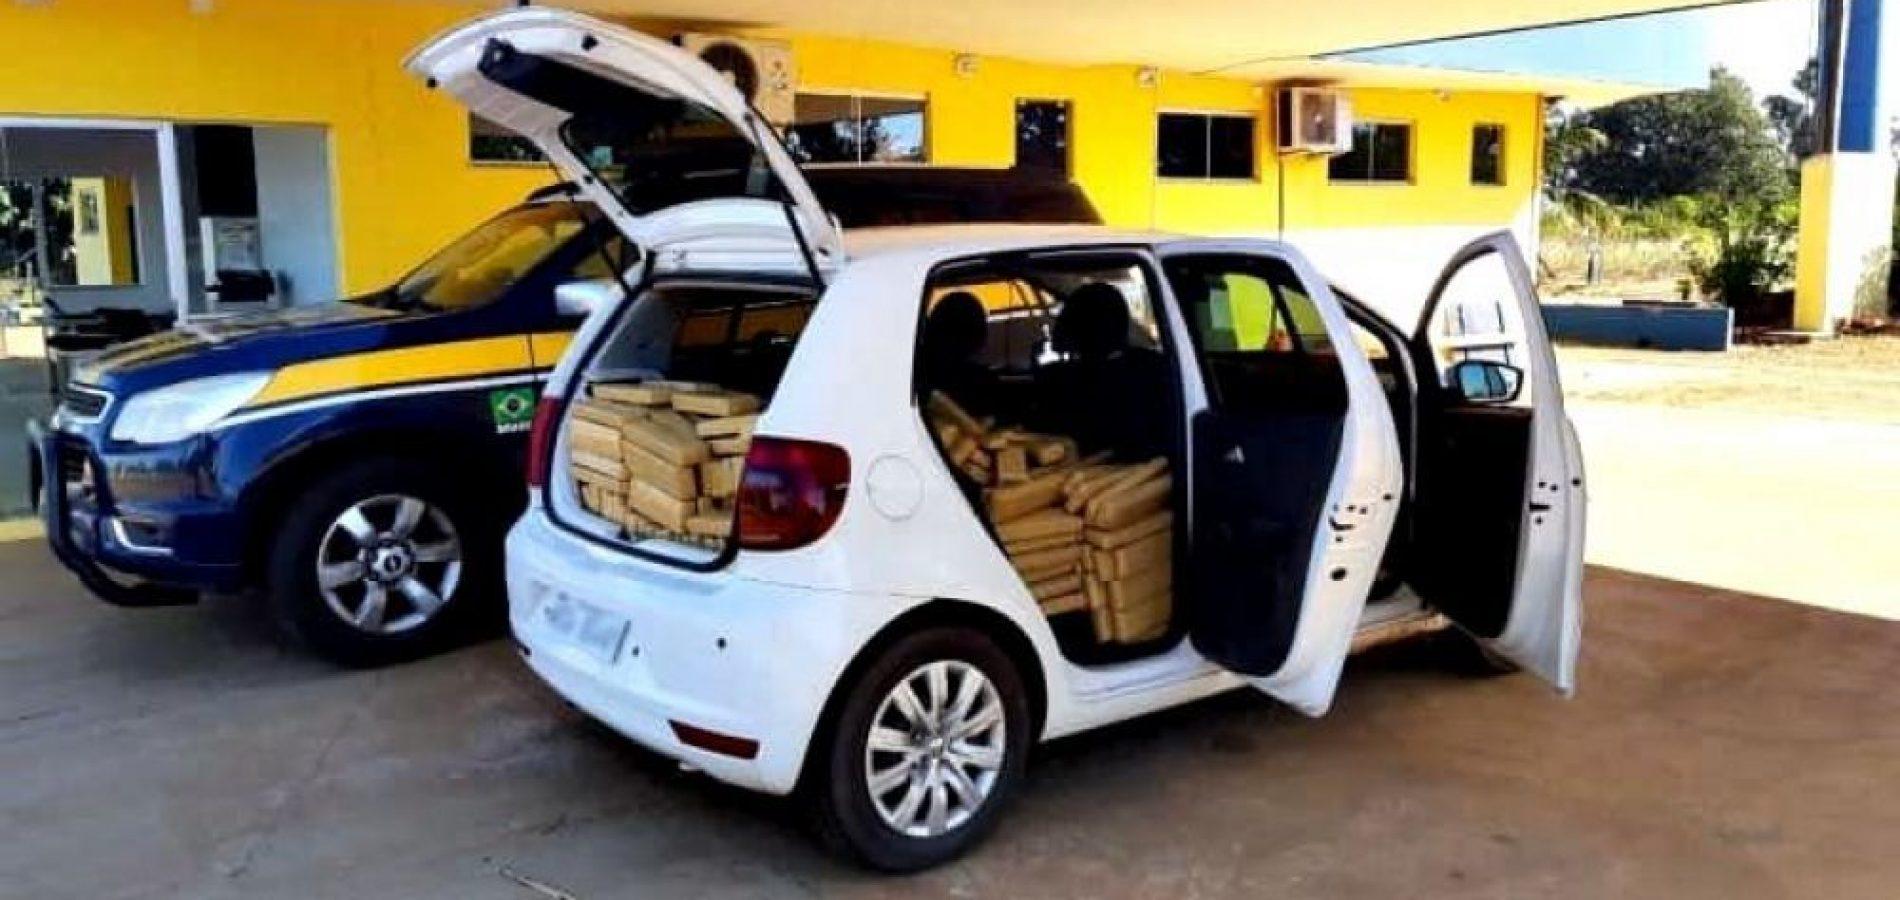 Veículo com placa falsa de Teresina é apreendido com mais de 600 Kg de maconha